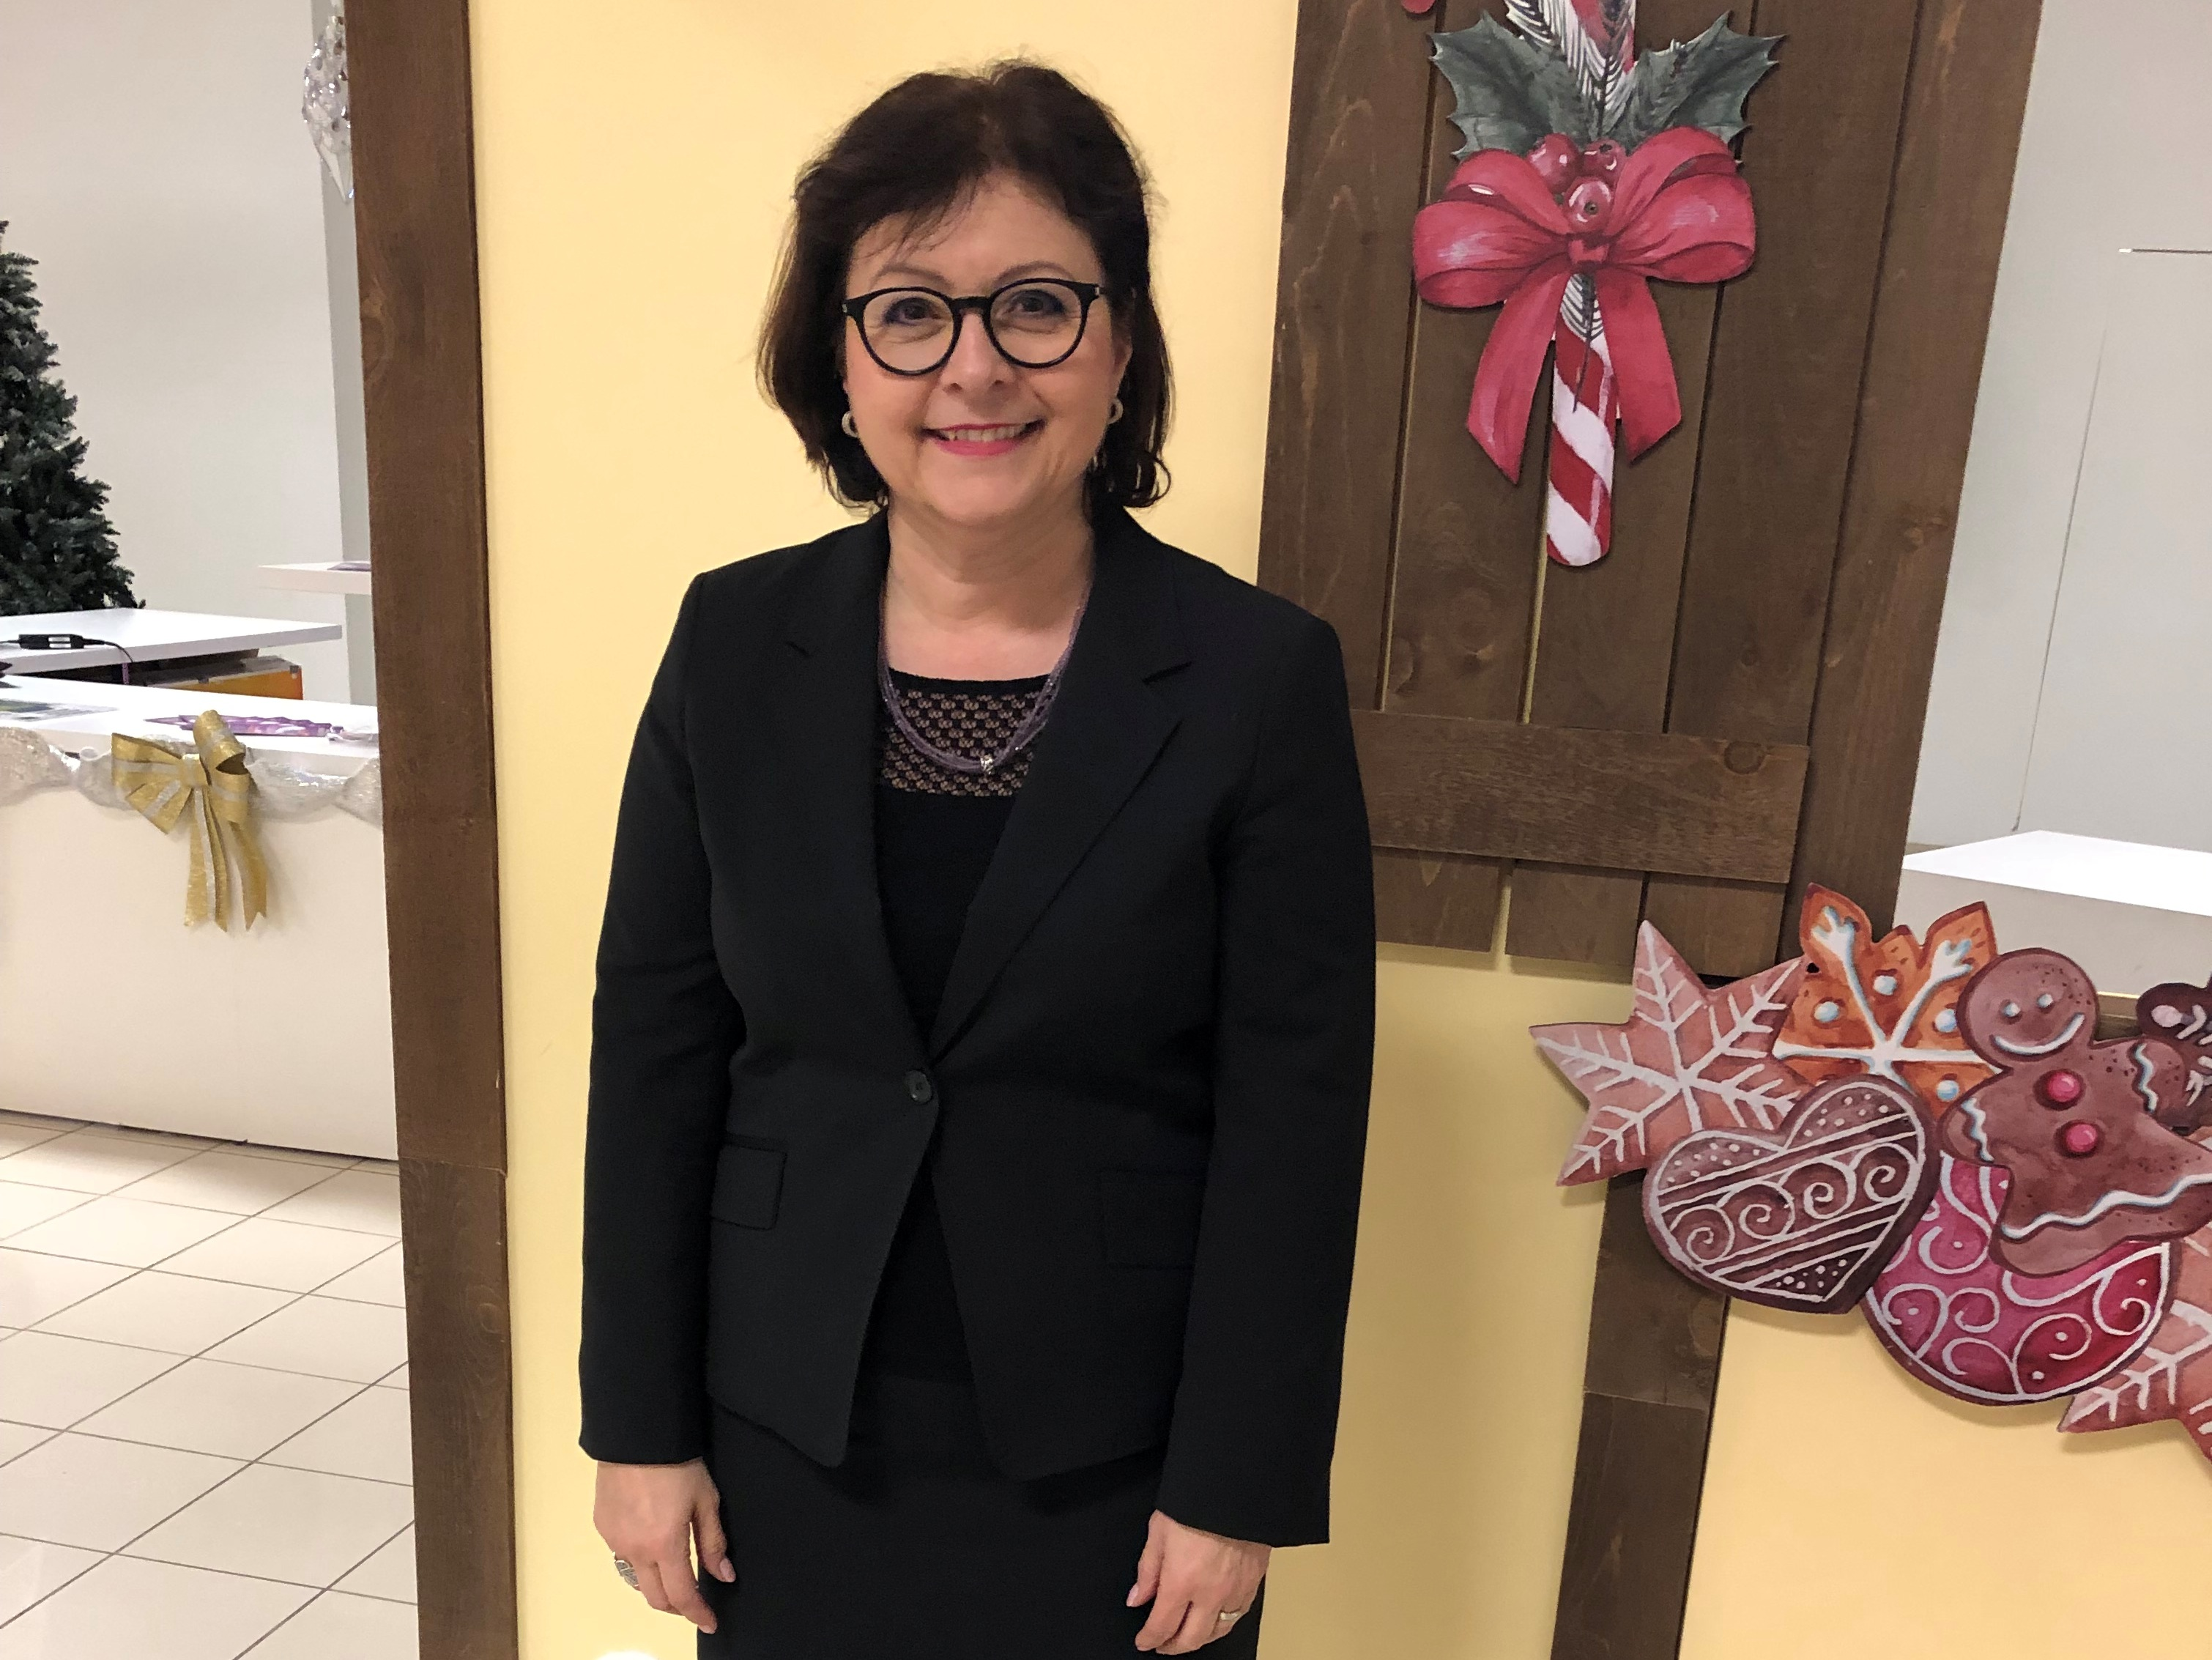 魁北克市政府的公務員DesRoches女士表示修煉法輪大法,就是找到了自己一直在尋找的「道」,並感恩師父的慈悲。(DesRoches女士提供)